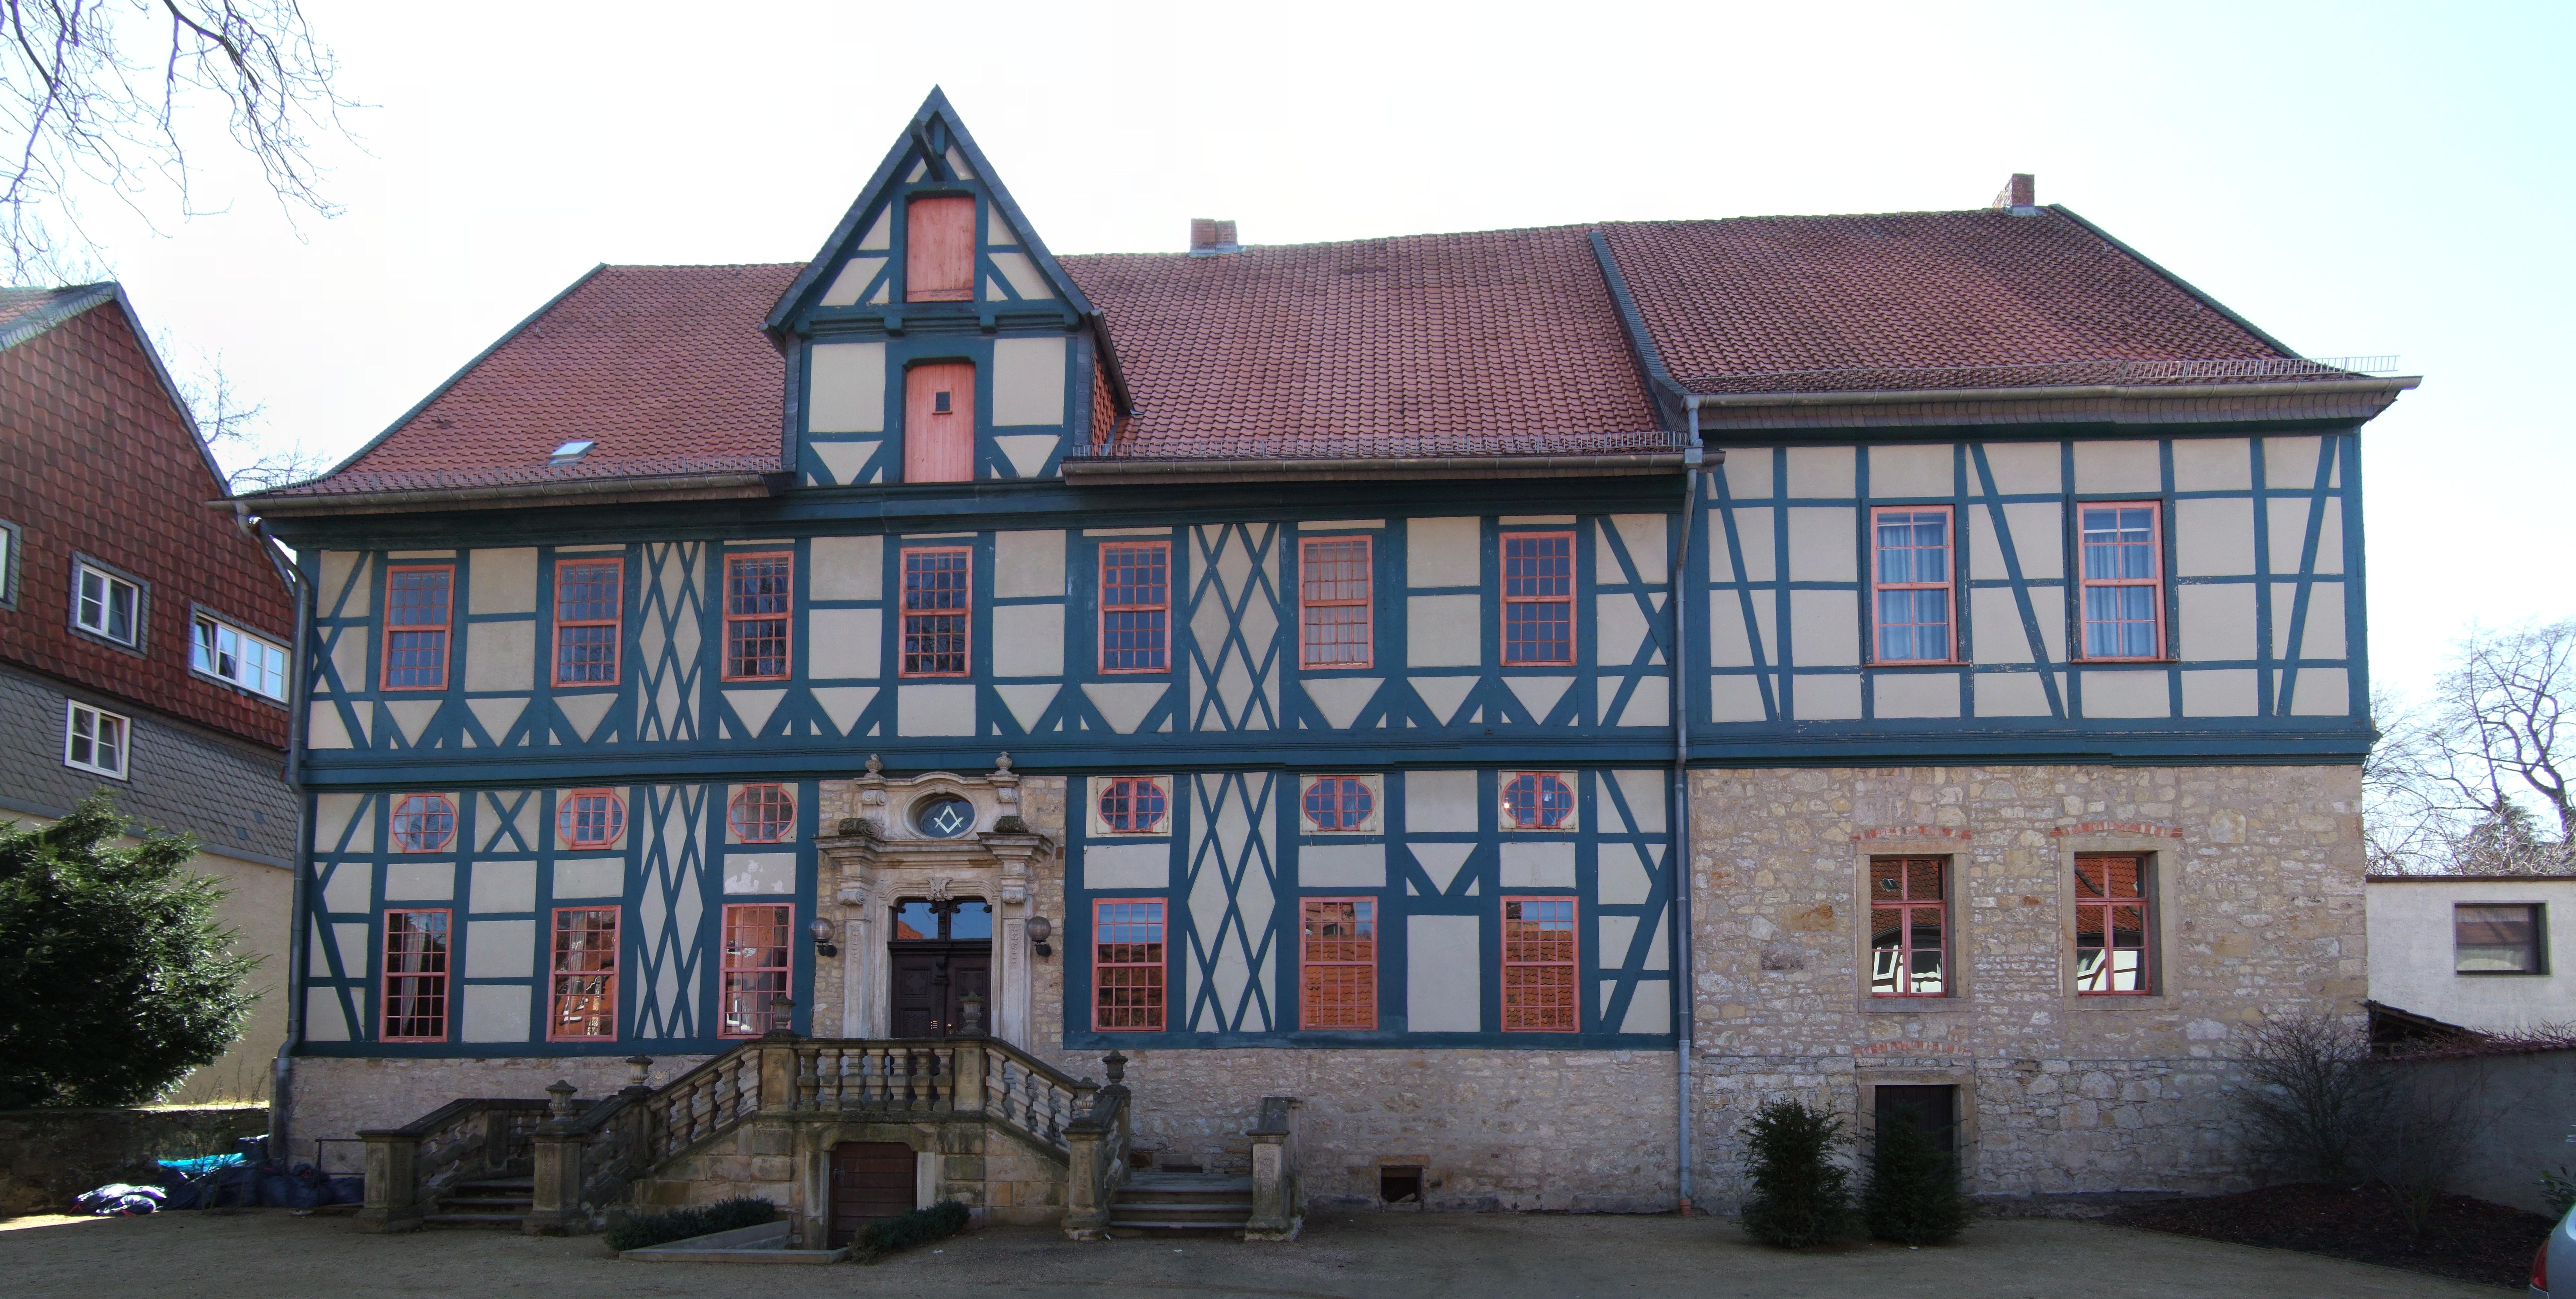 Wohnzimmer Hildesheim | Scharnhorstgymnasium Hildesheim Wikiwand